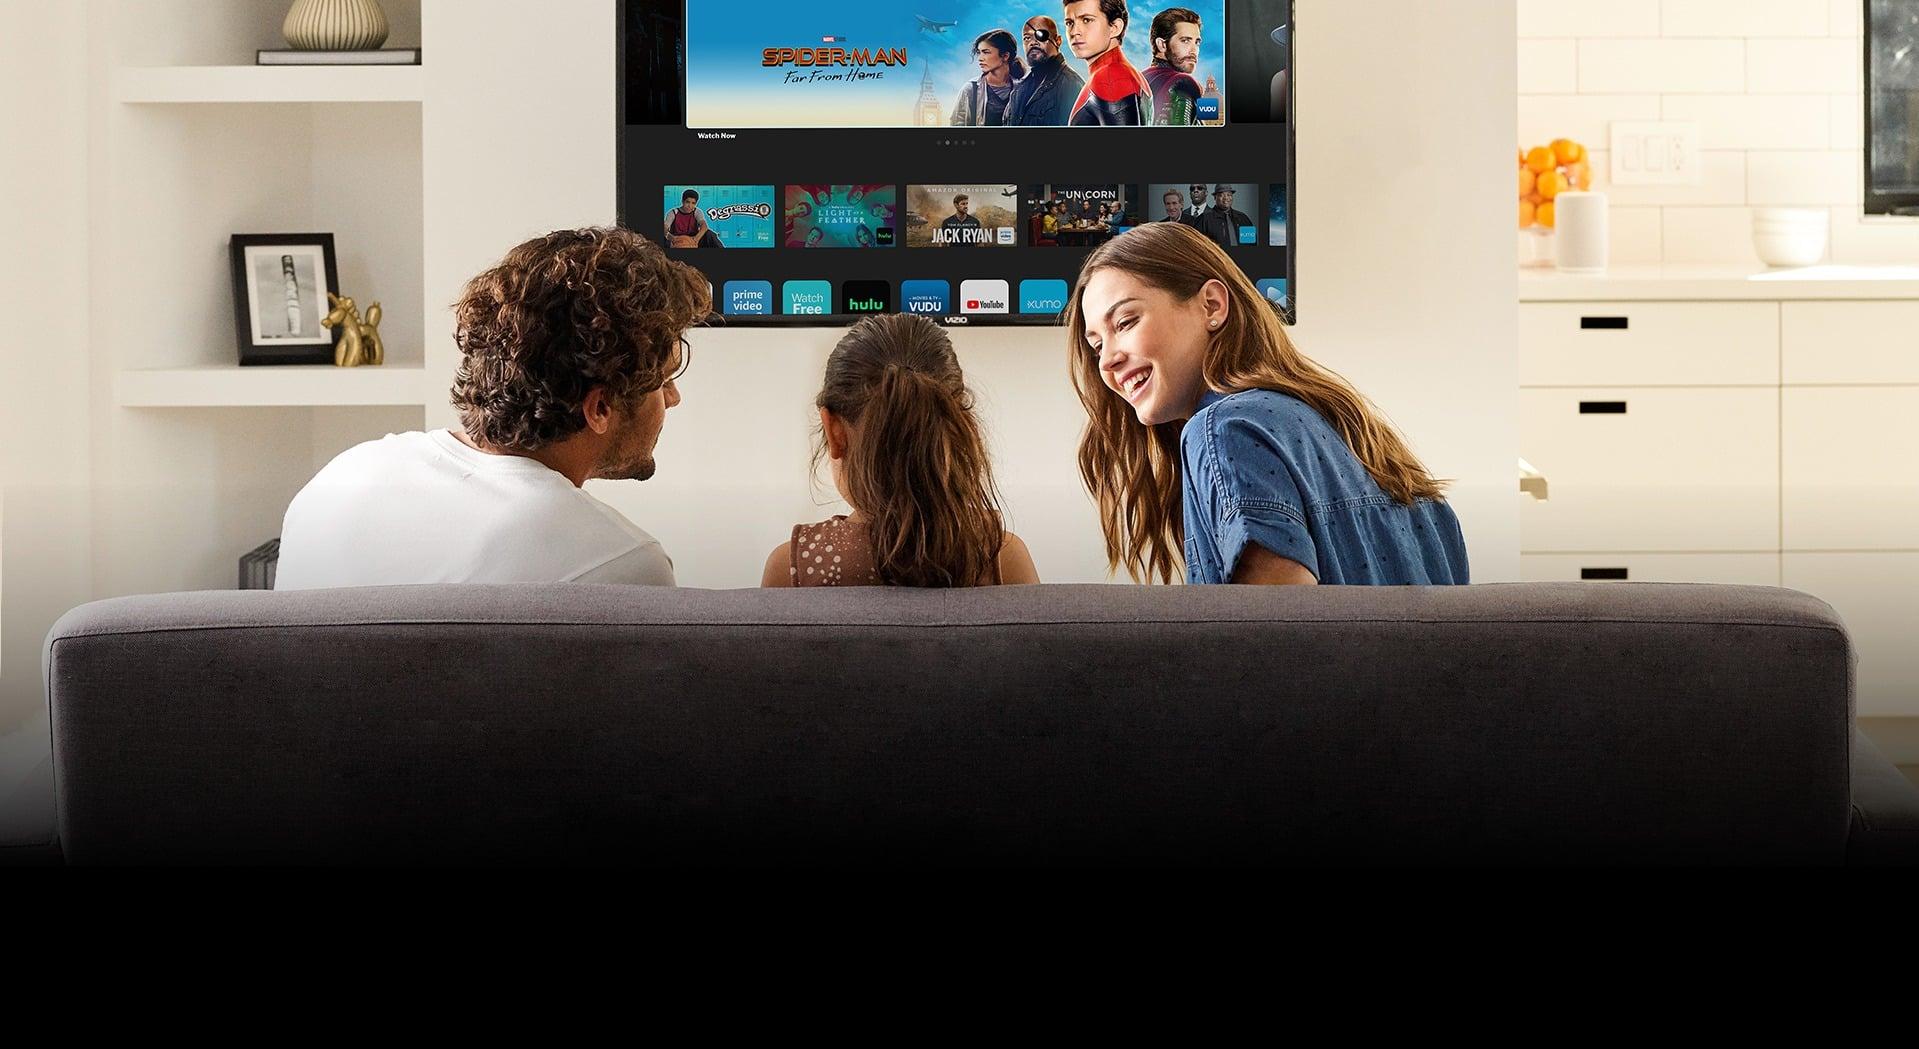 Vizio Smart TV Apps